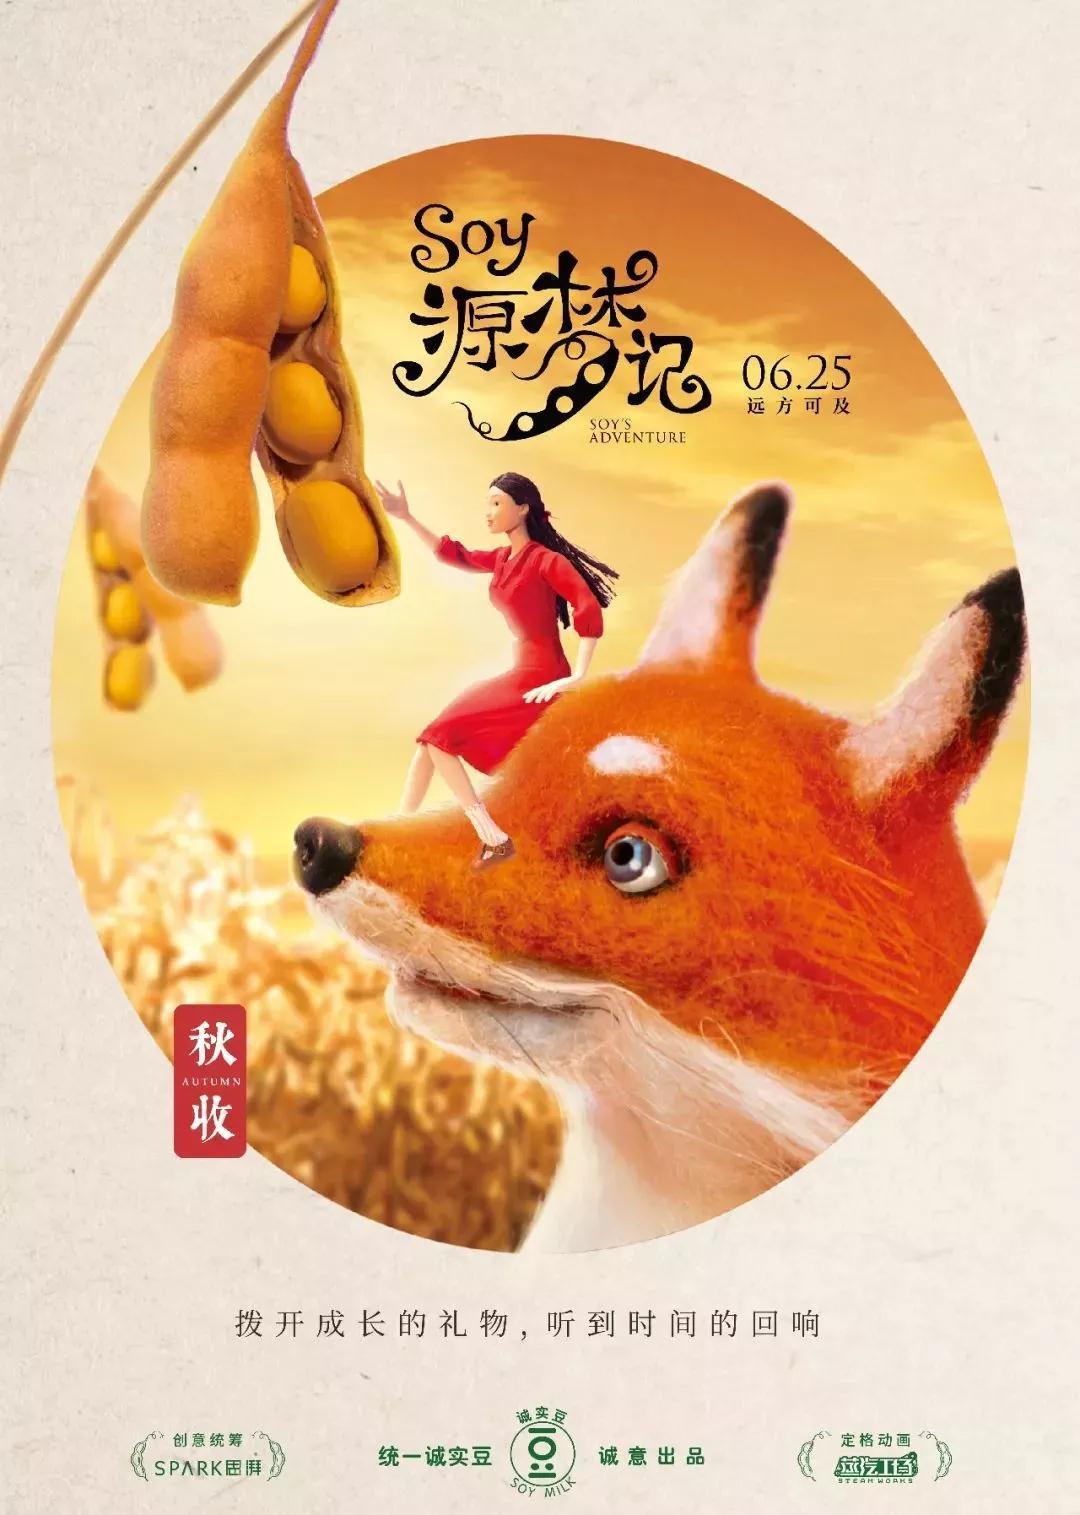 定格动画《soy源梦记》,一场逃离996的冒险!插图5